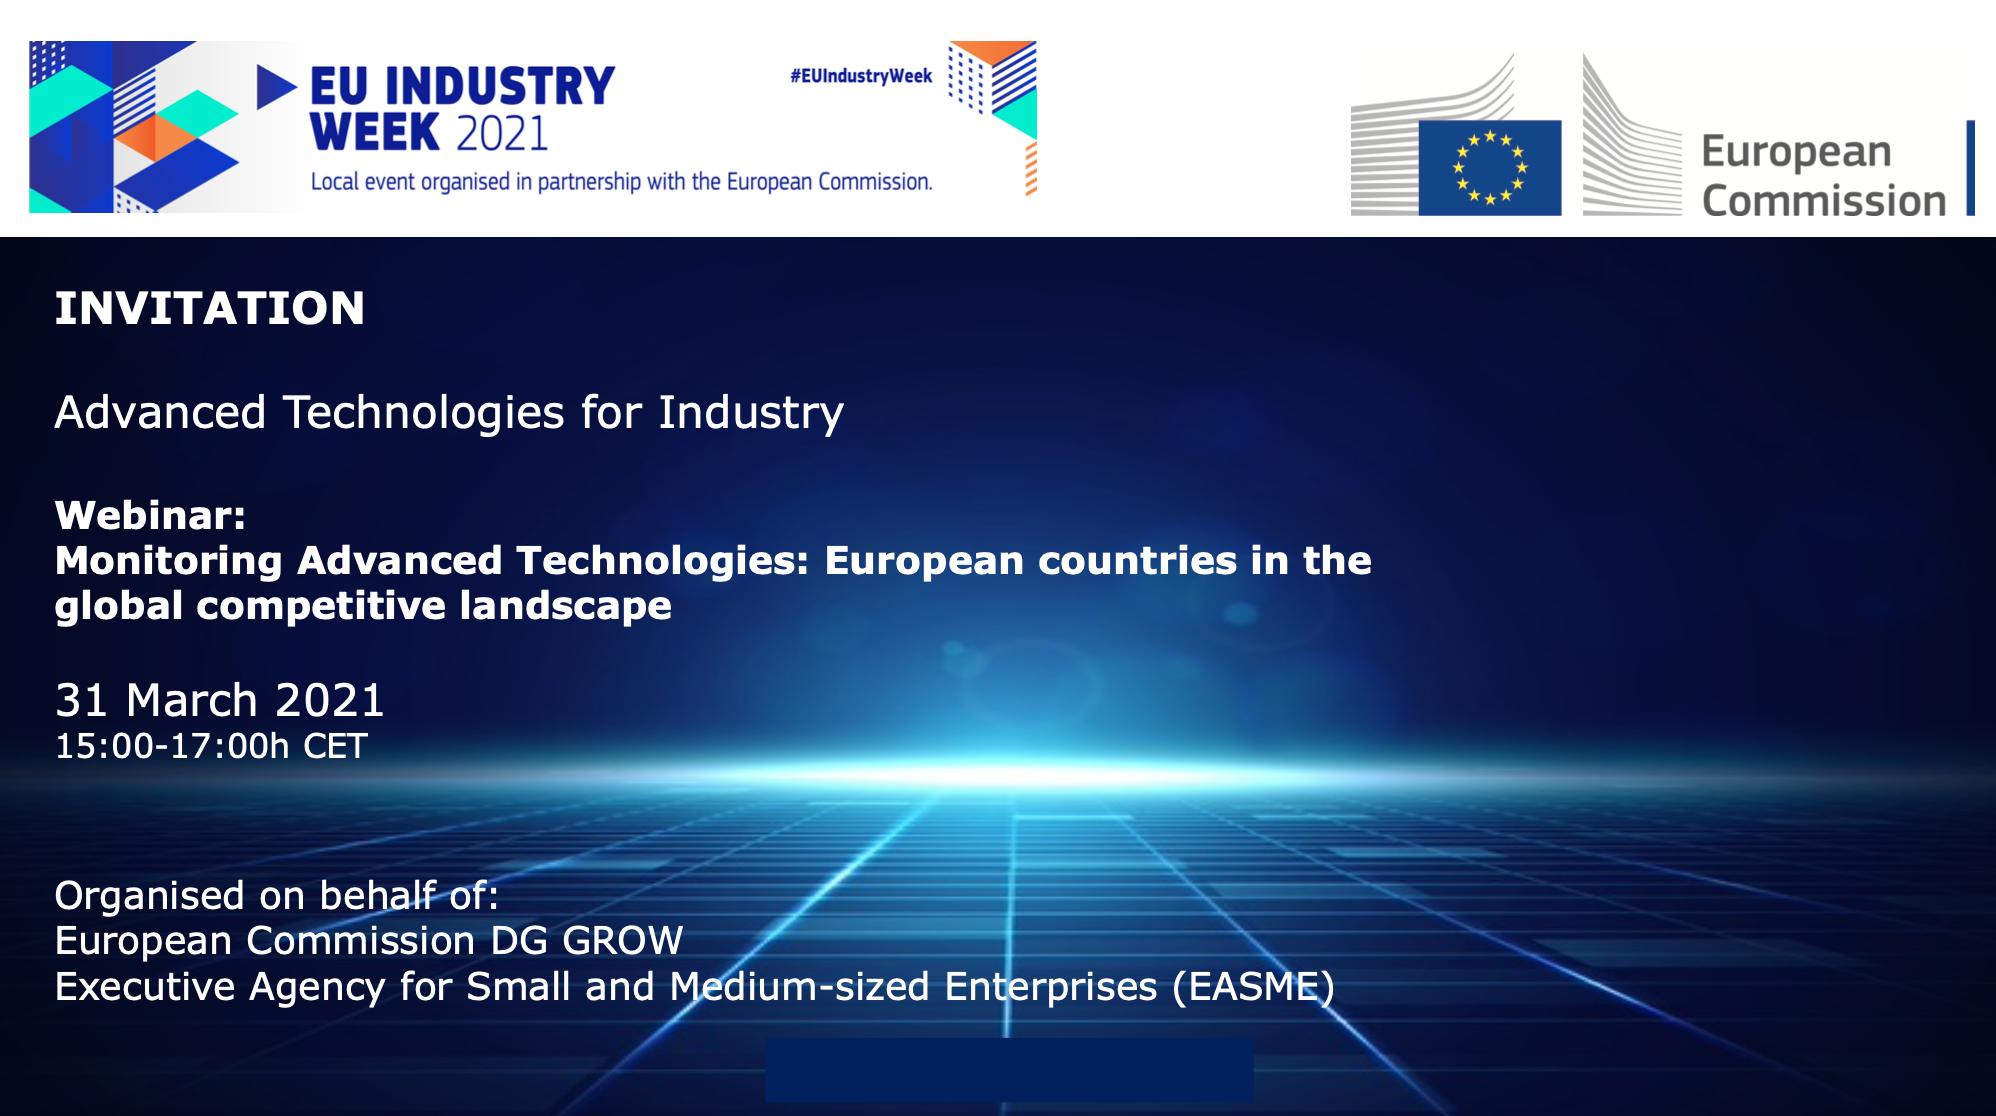 Advanced Technologies for Industry Webinar (EU Industry Week 2021)